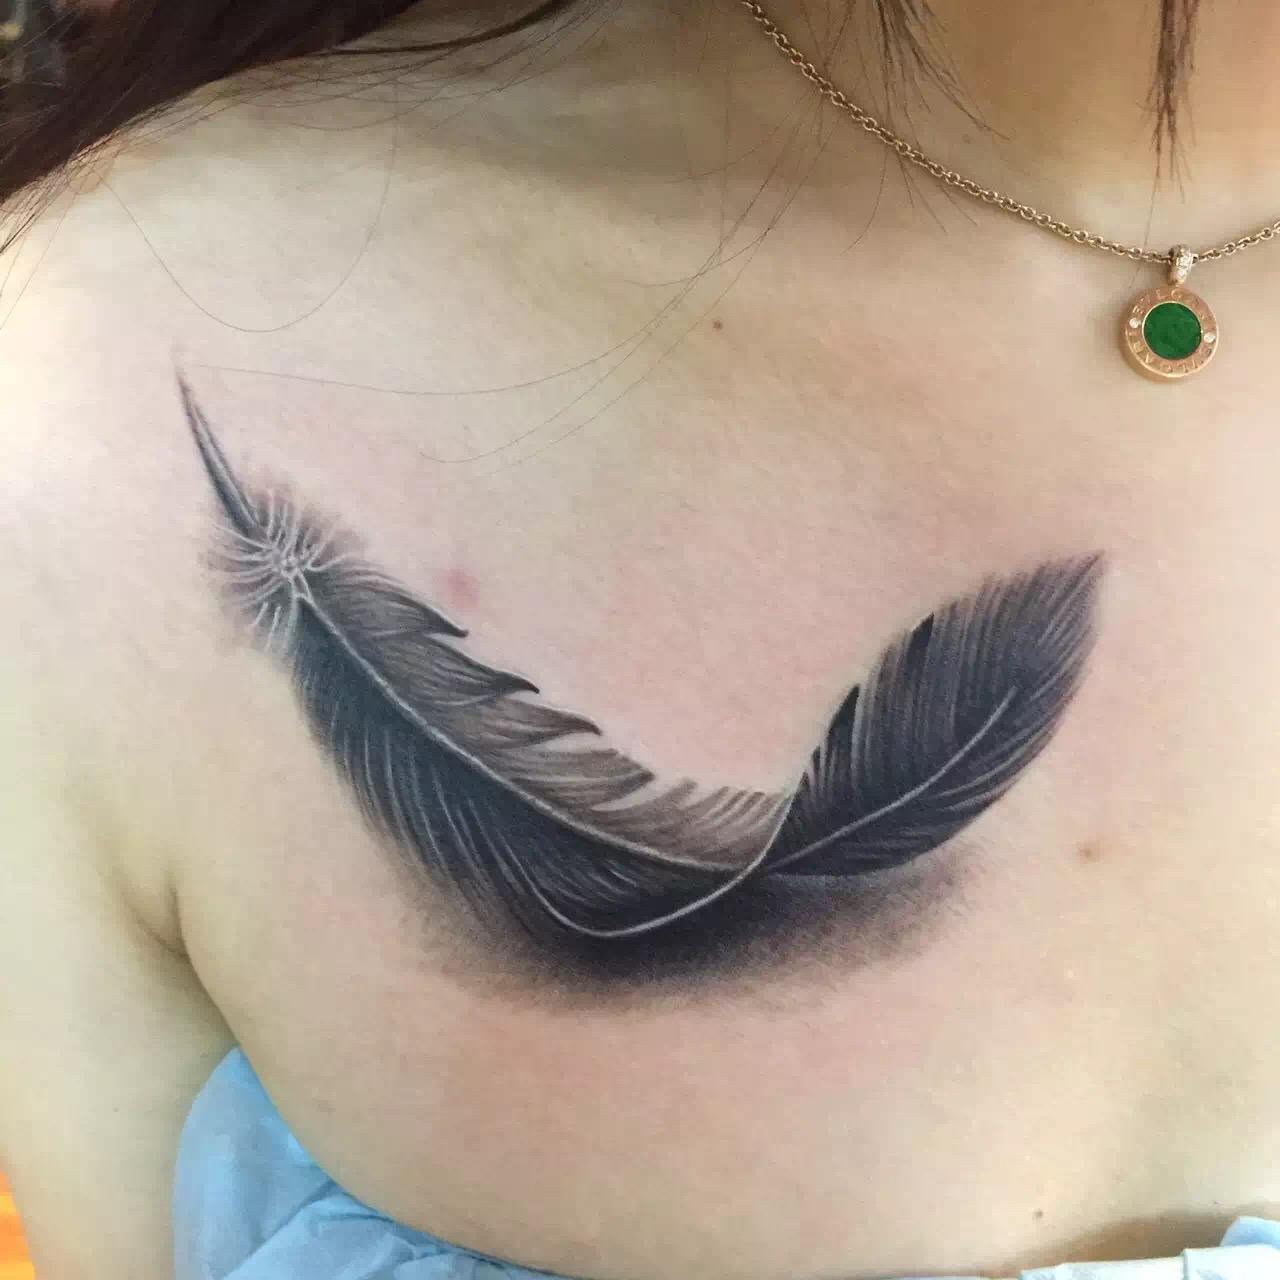 高端服装设计师李小姐锁骨下方的羽毛纹身图案